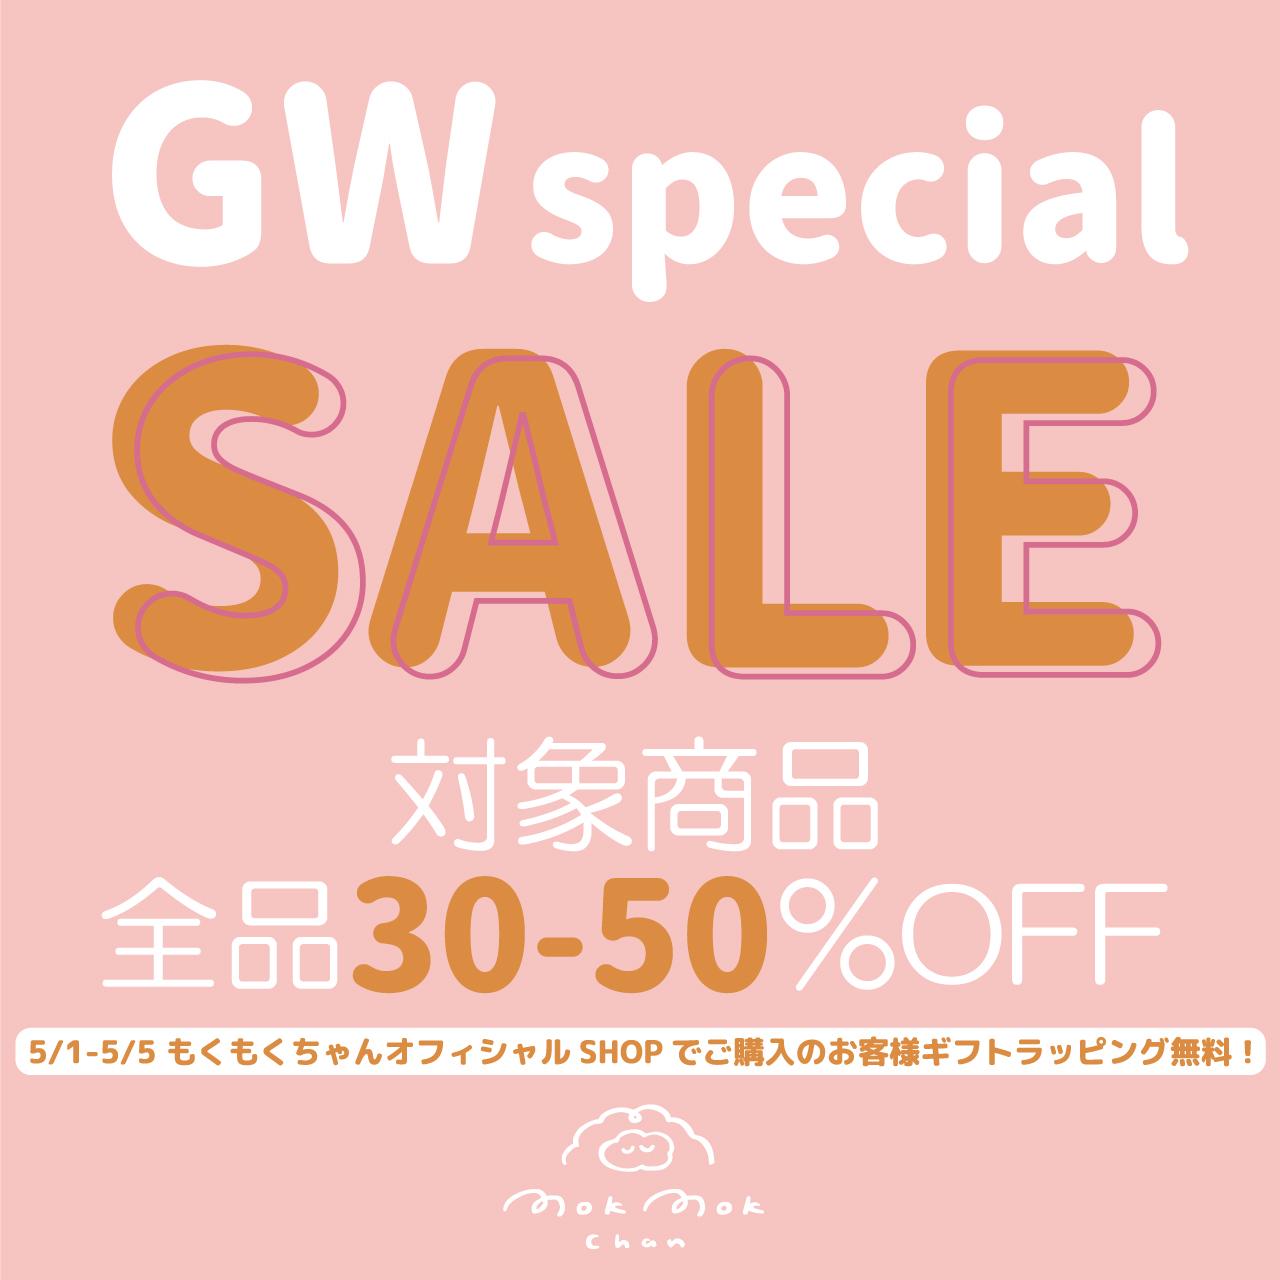 もくもくちゃんオフィシャルGWスペシャルセール!